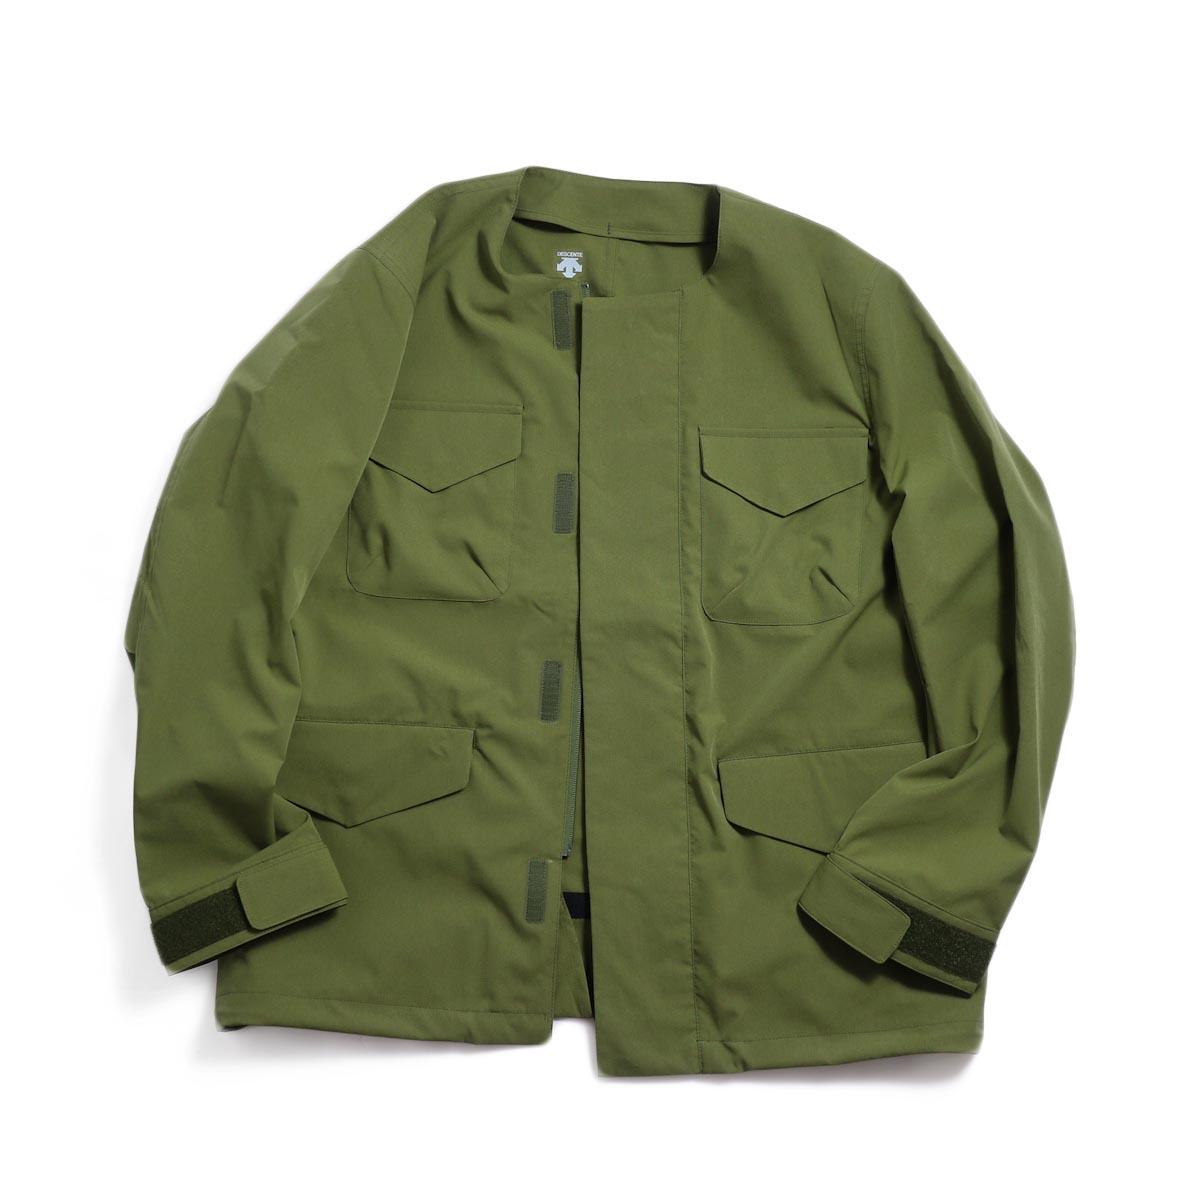 DESCENTE ddd / Utility Jacket -OLIVE 正面